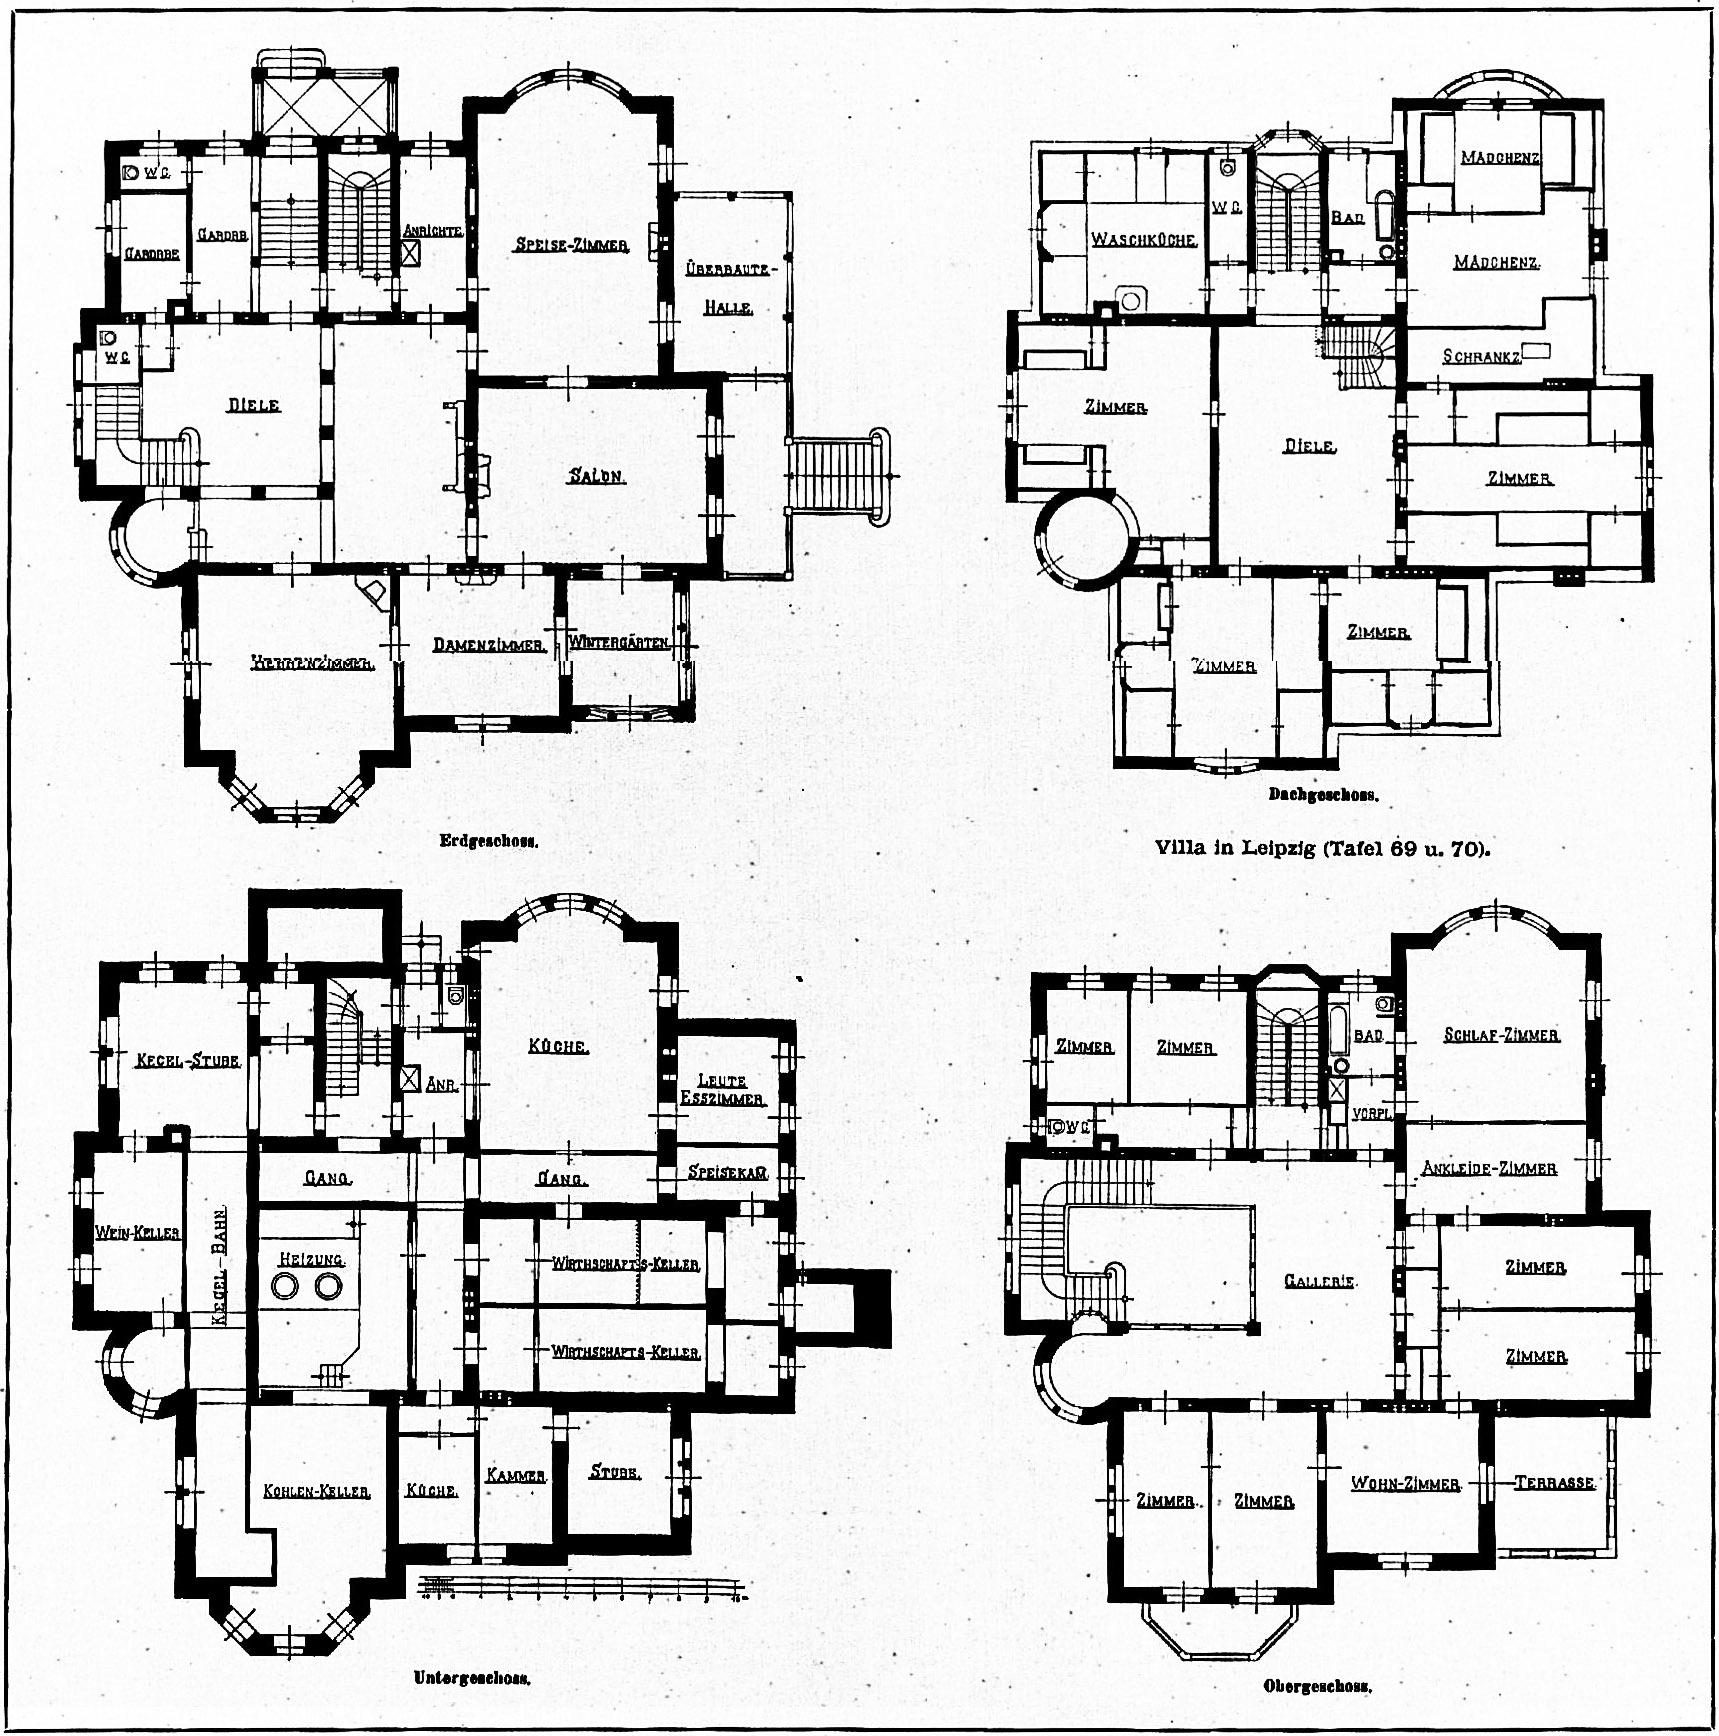 Liste historischer villen in leipzig for Grundriss luxushaus